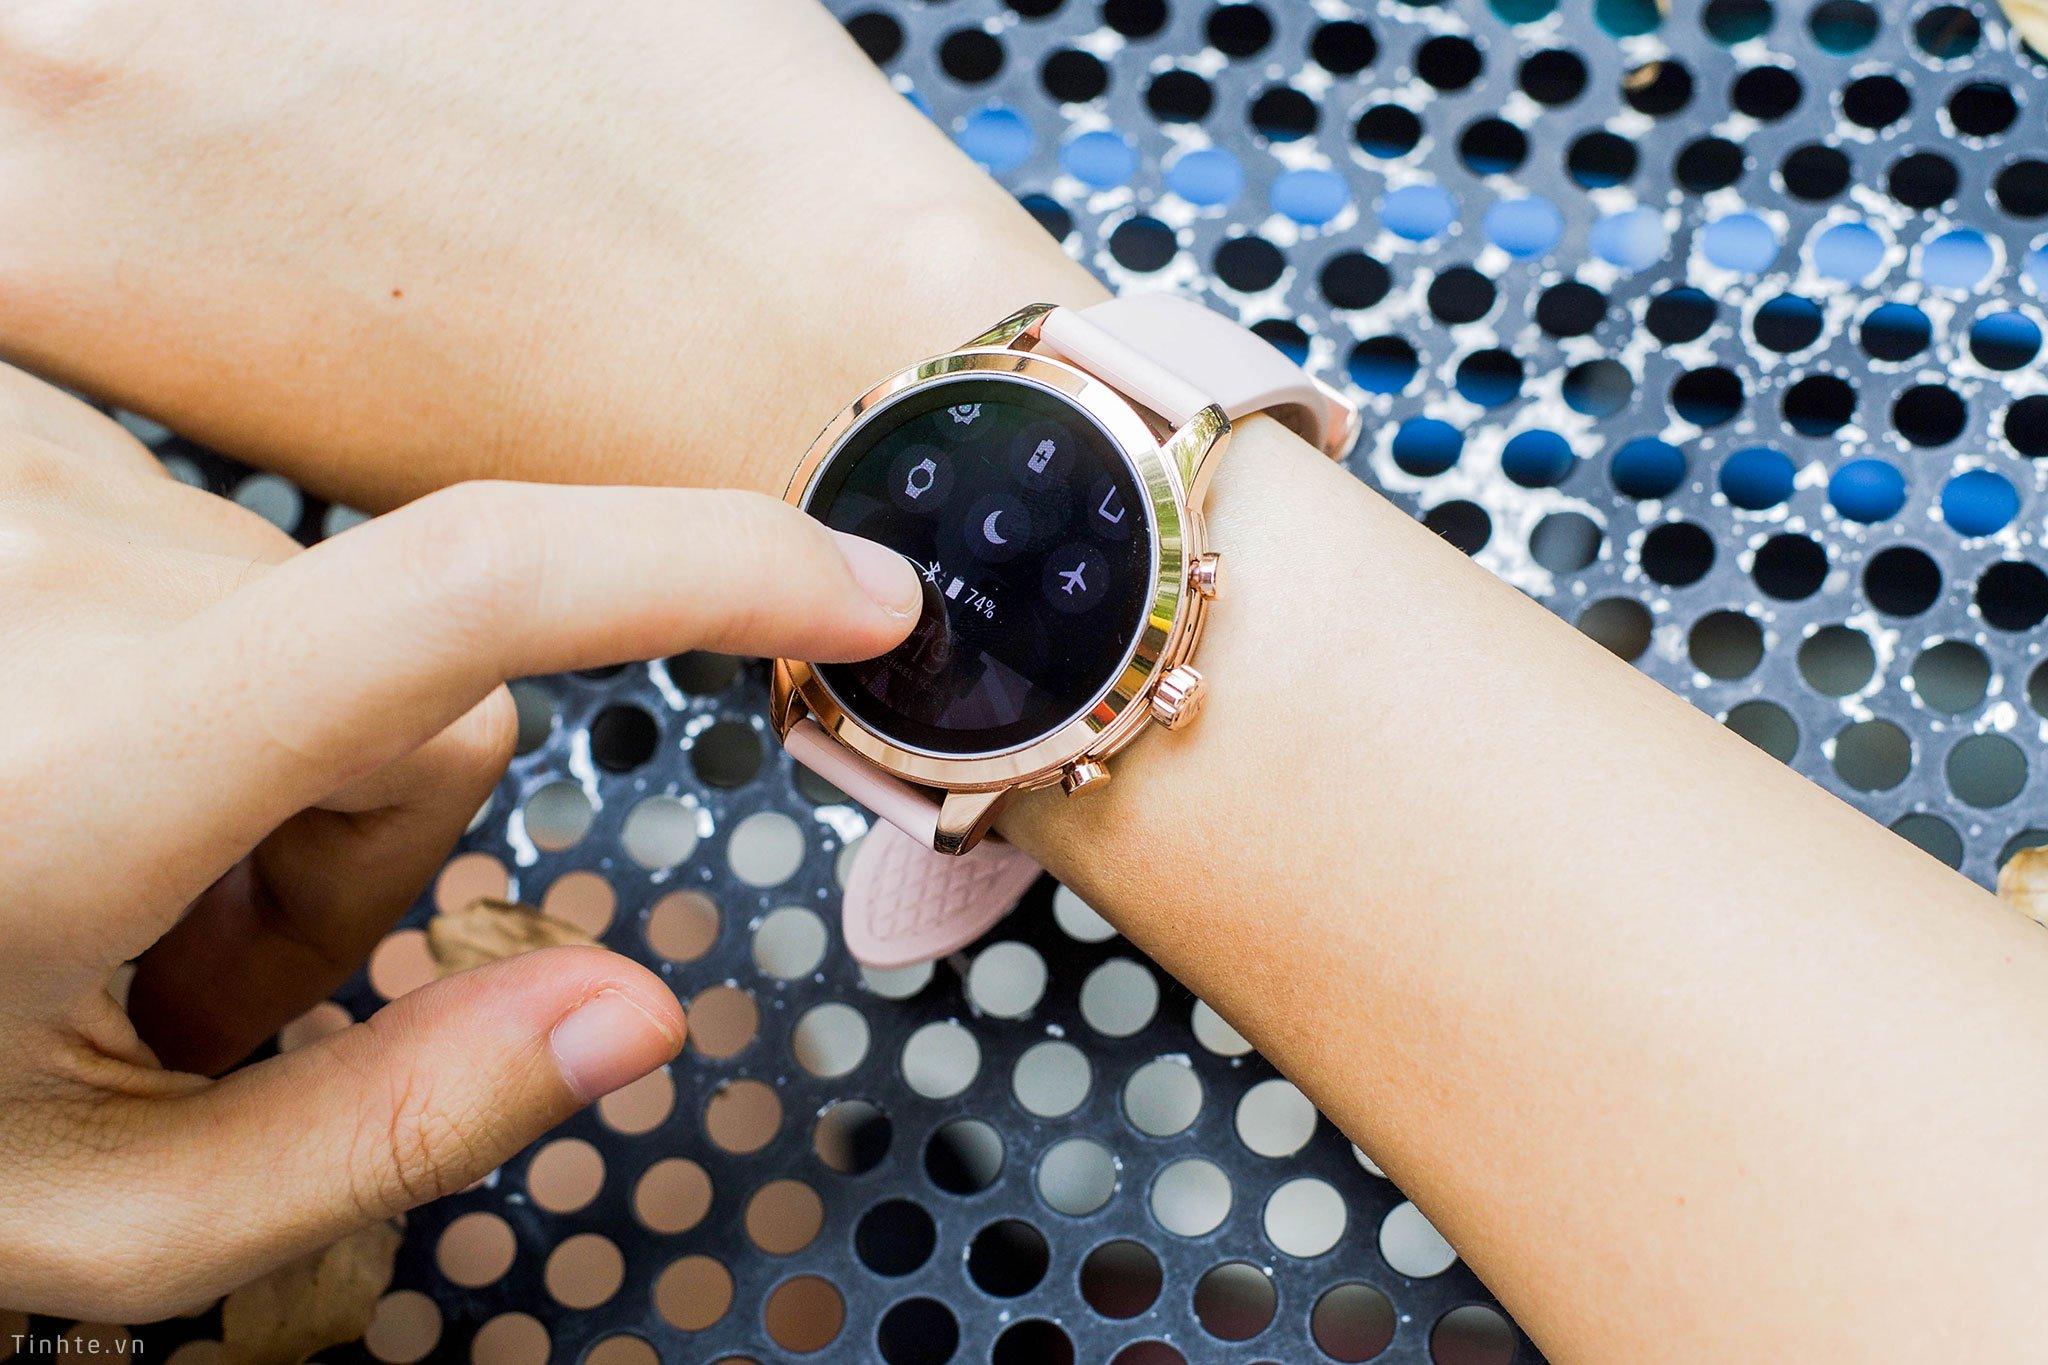 Trên tay smartwatch Michael Kors Access Runway: đẹp đơn giản, có GPS, đo nhịp tim, Spotify, NFC - Hình 6